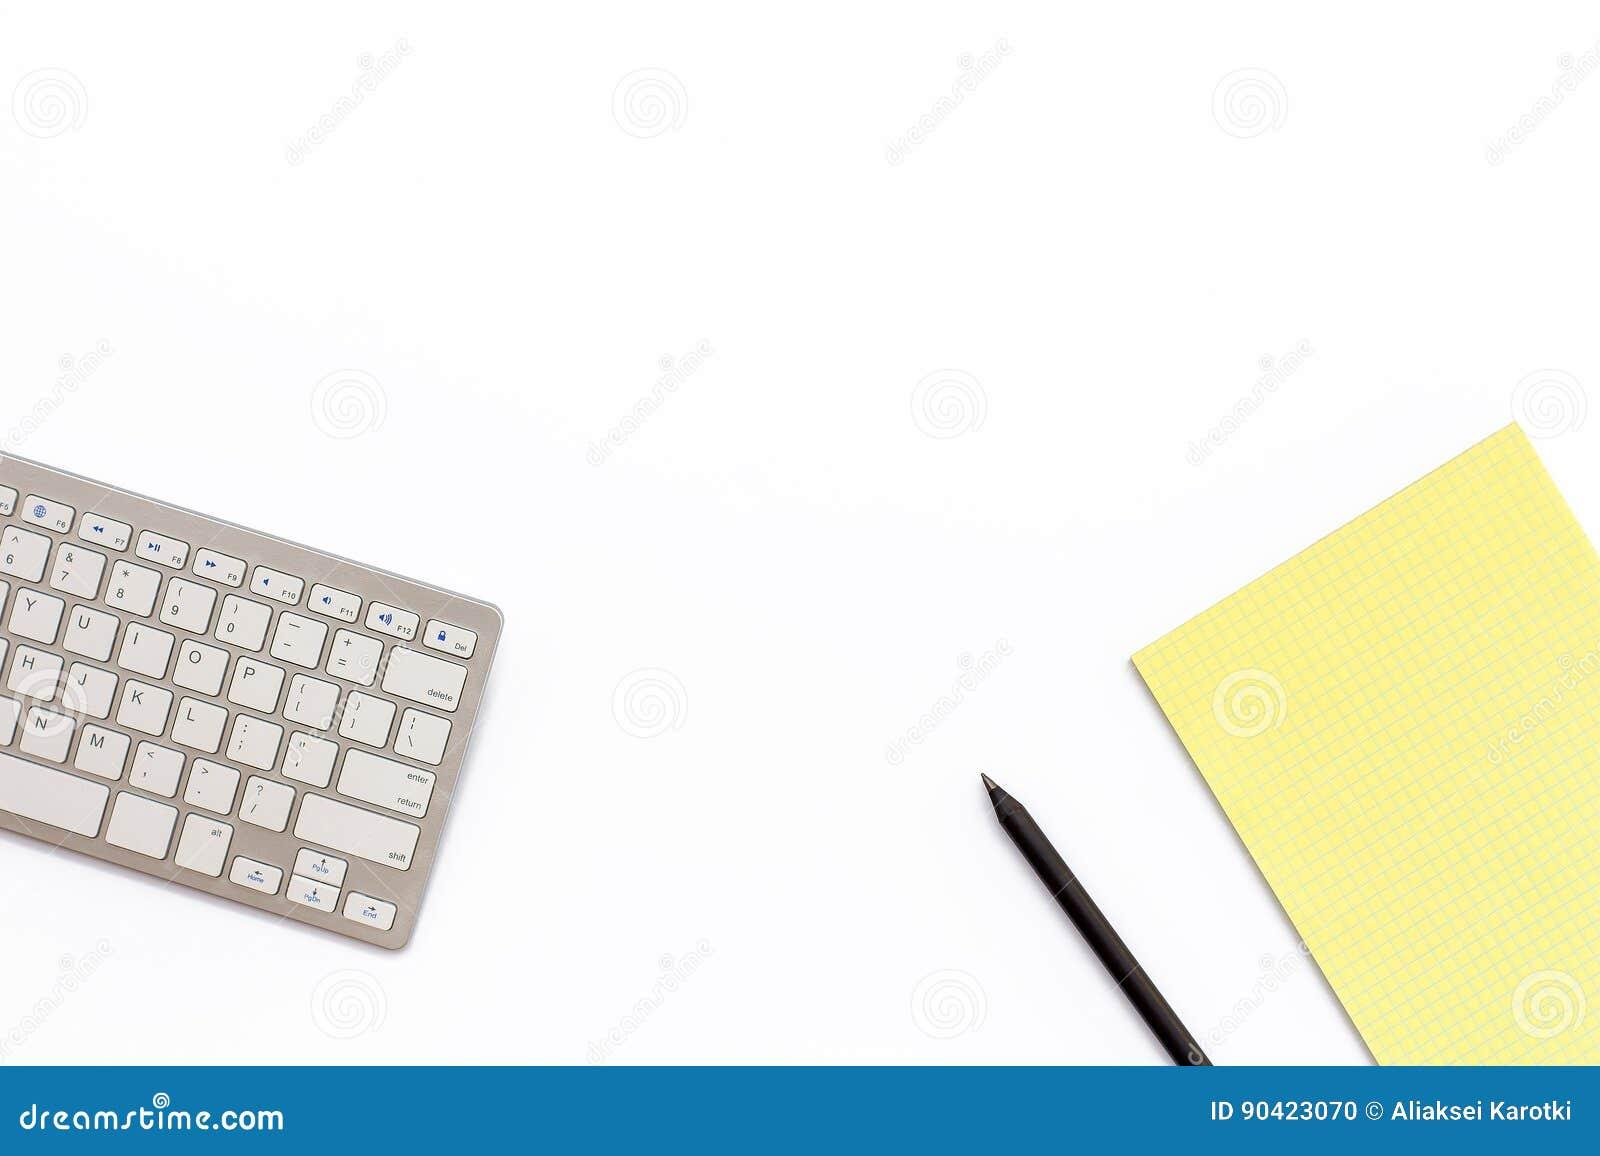 Γραφείο γραφείων εργασίας με ένα πληκτρολόγιο, ένα κίτρινο σημειωματάριο και ένα μαύρο π